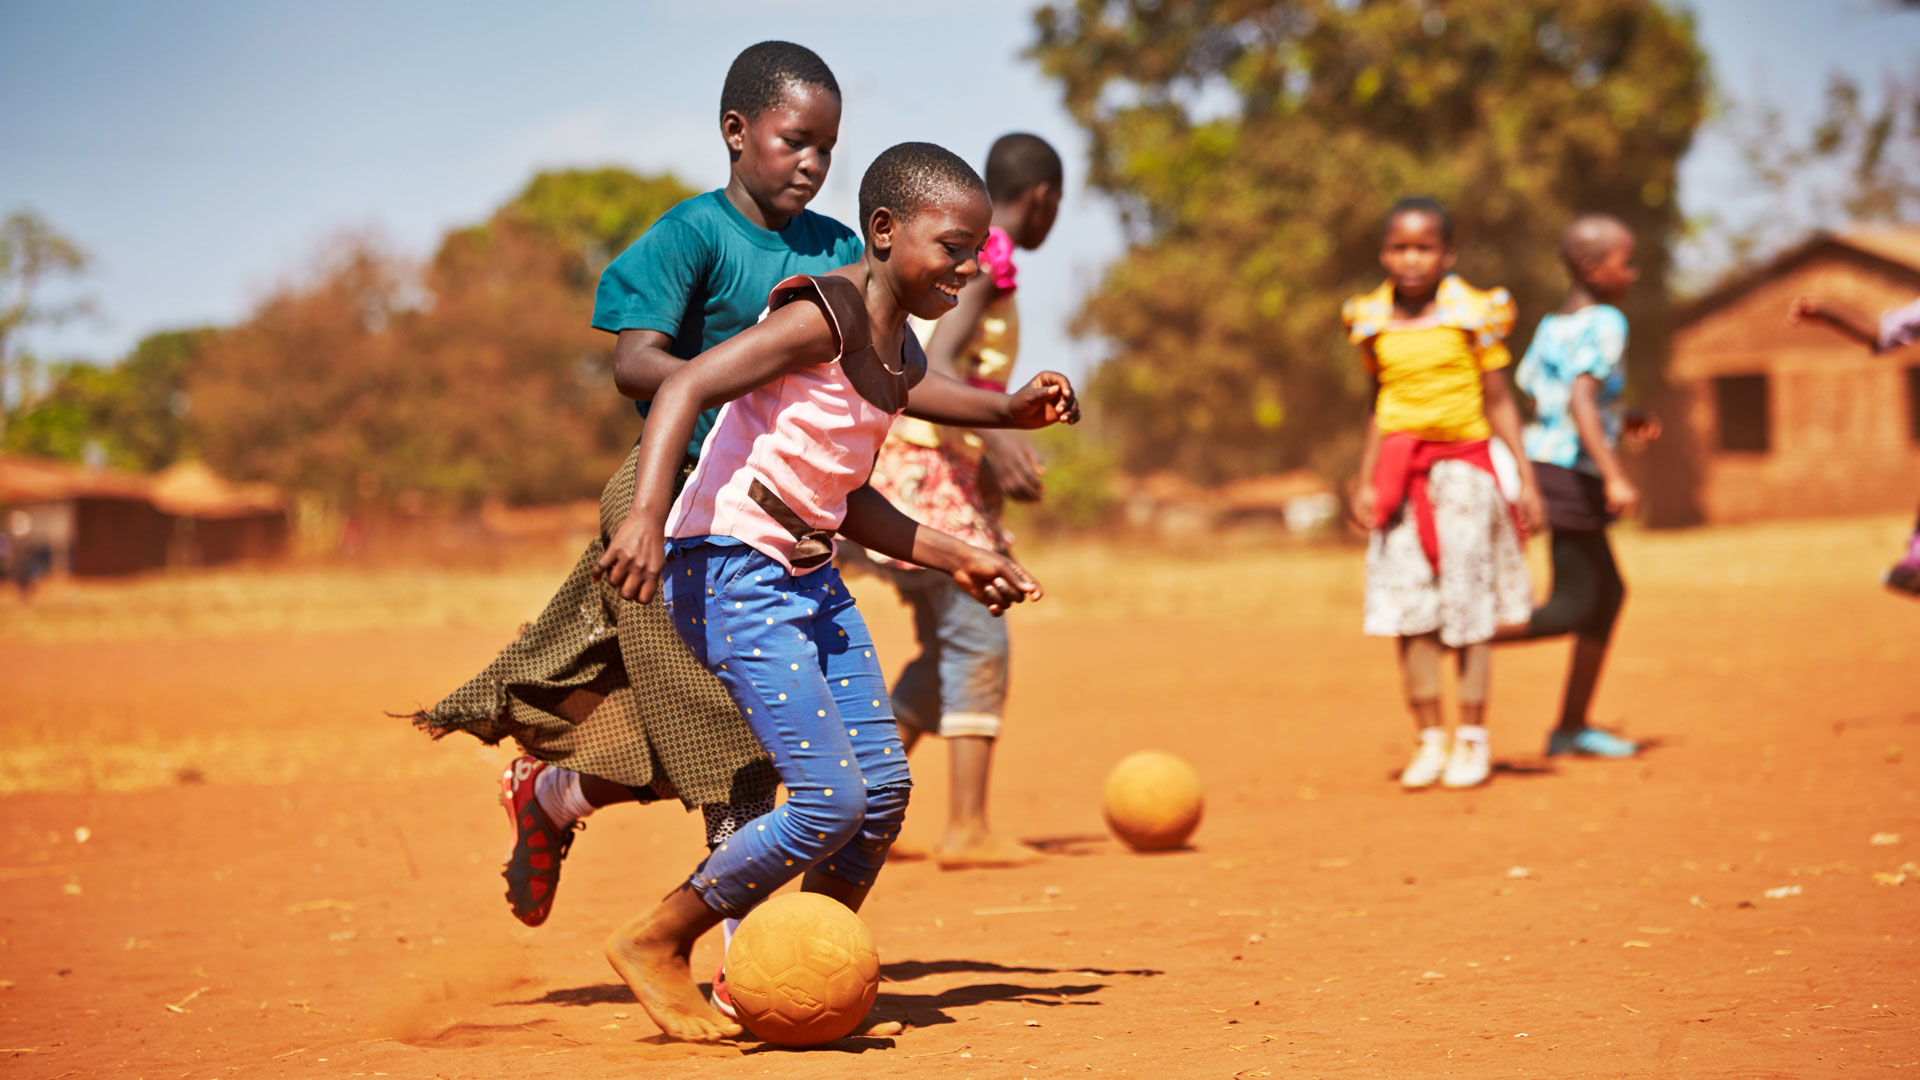 Lapsia pelaamassa jalkapalloa tansanialaisessa kylässä